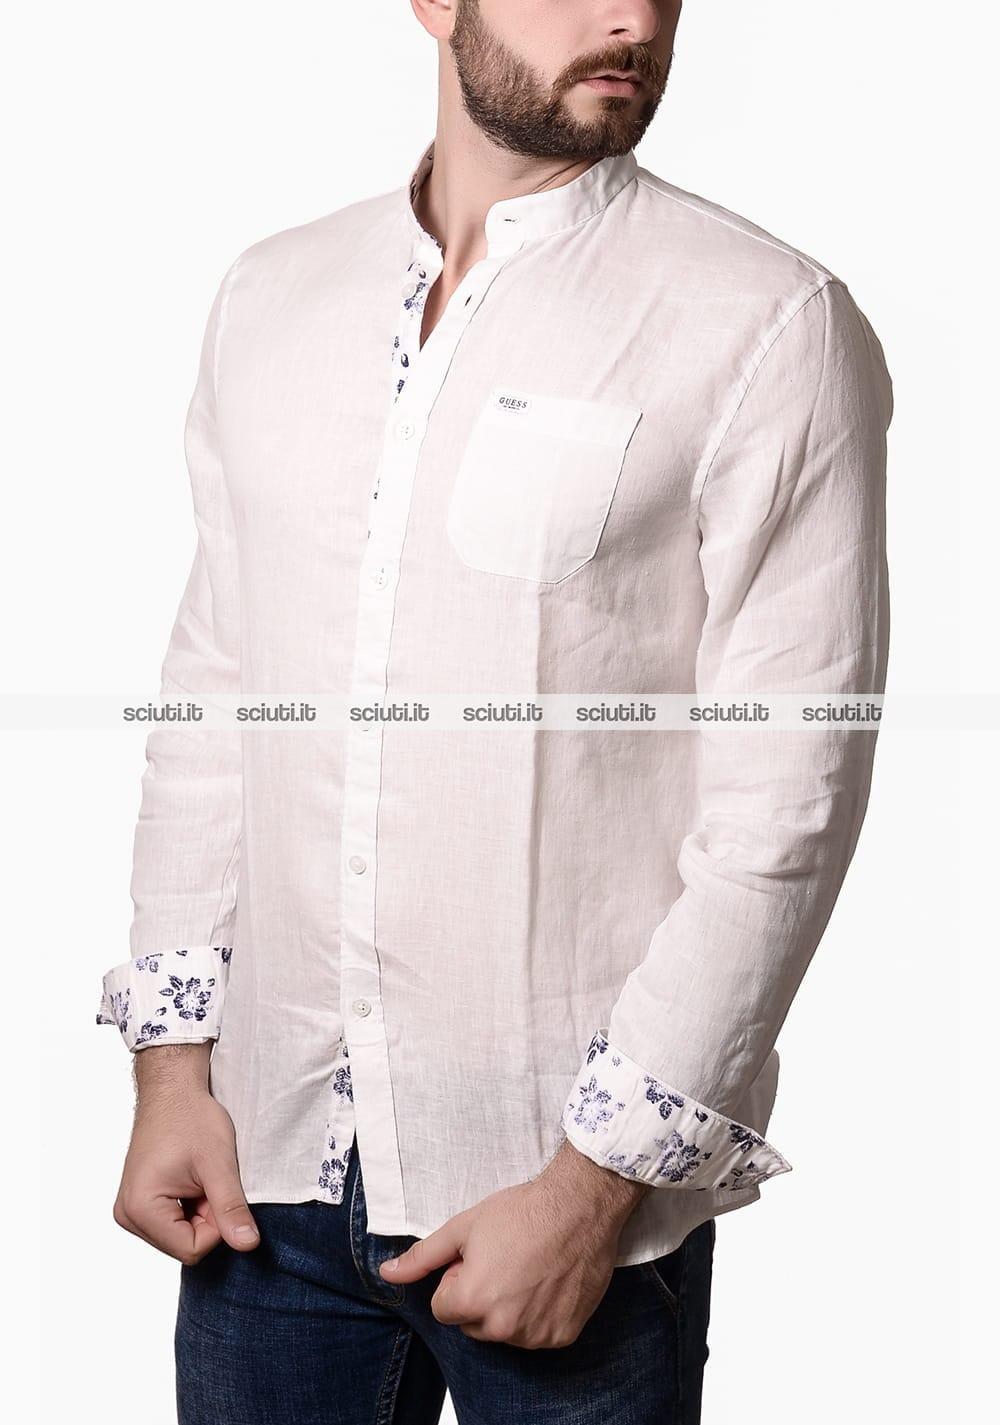 9aaf1a8741 Camicia Guess uomo collo alla coreana in lino bianco